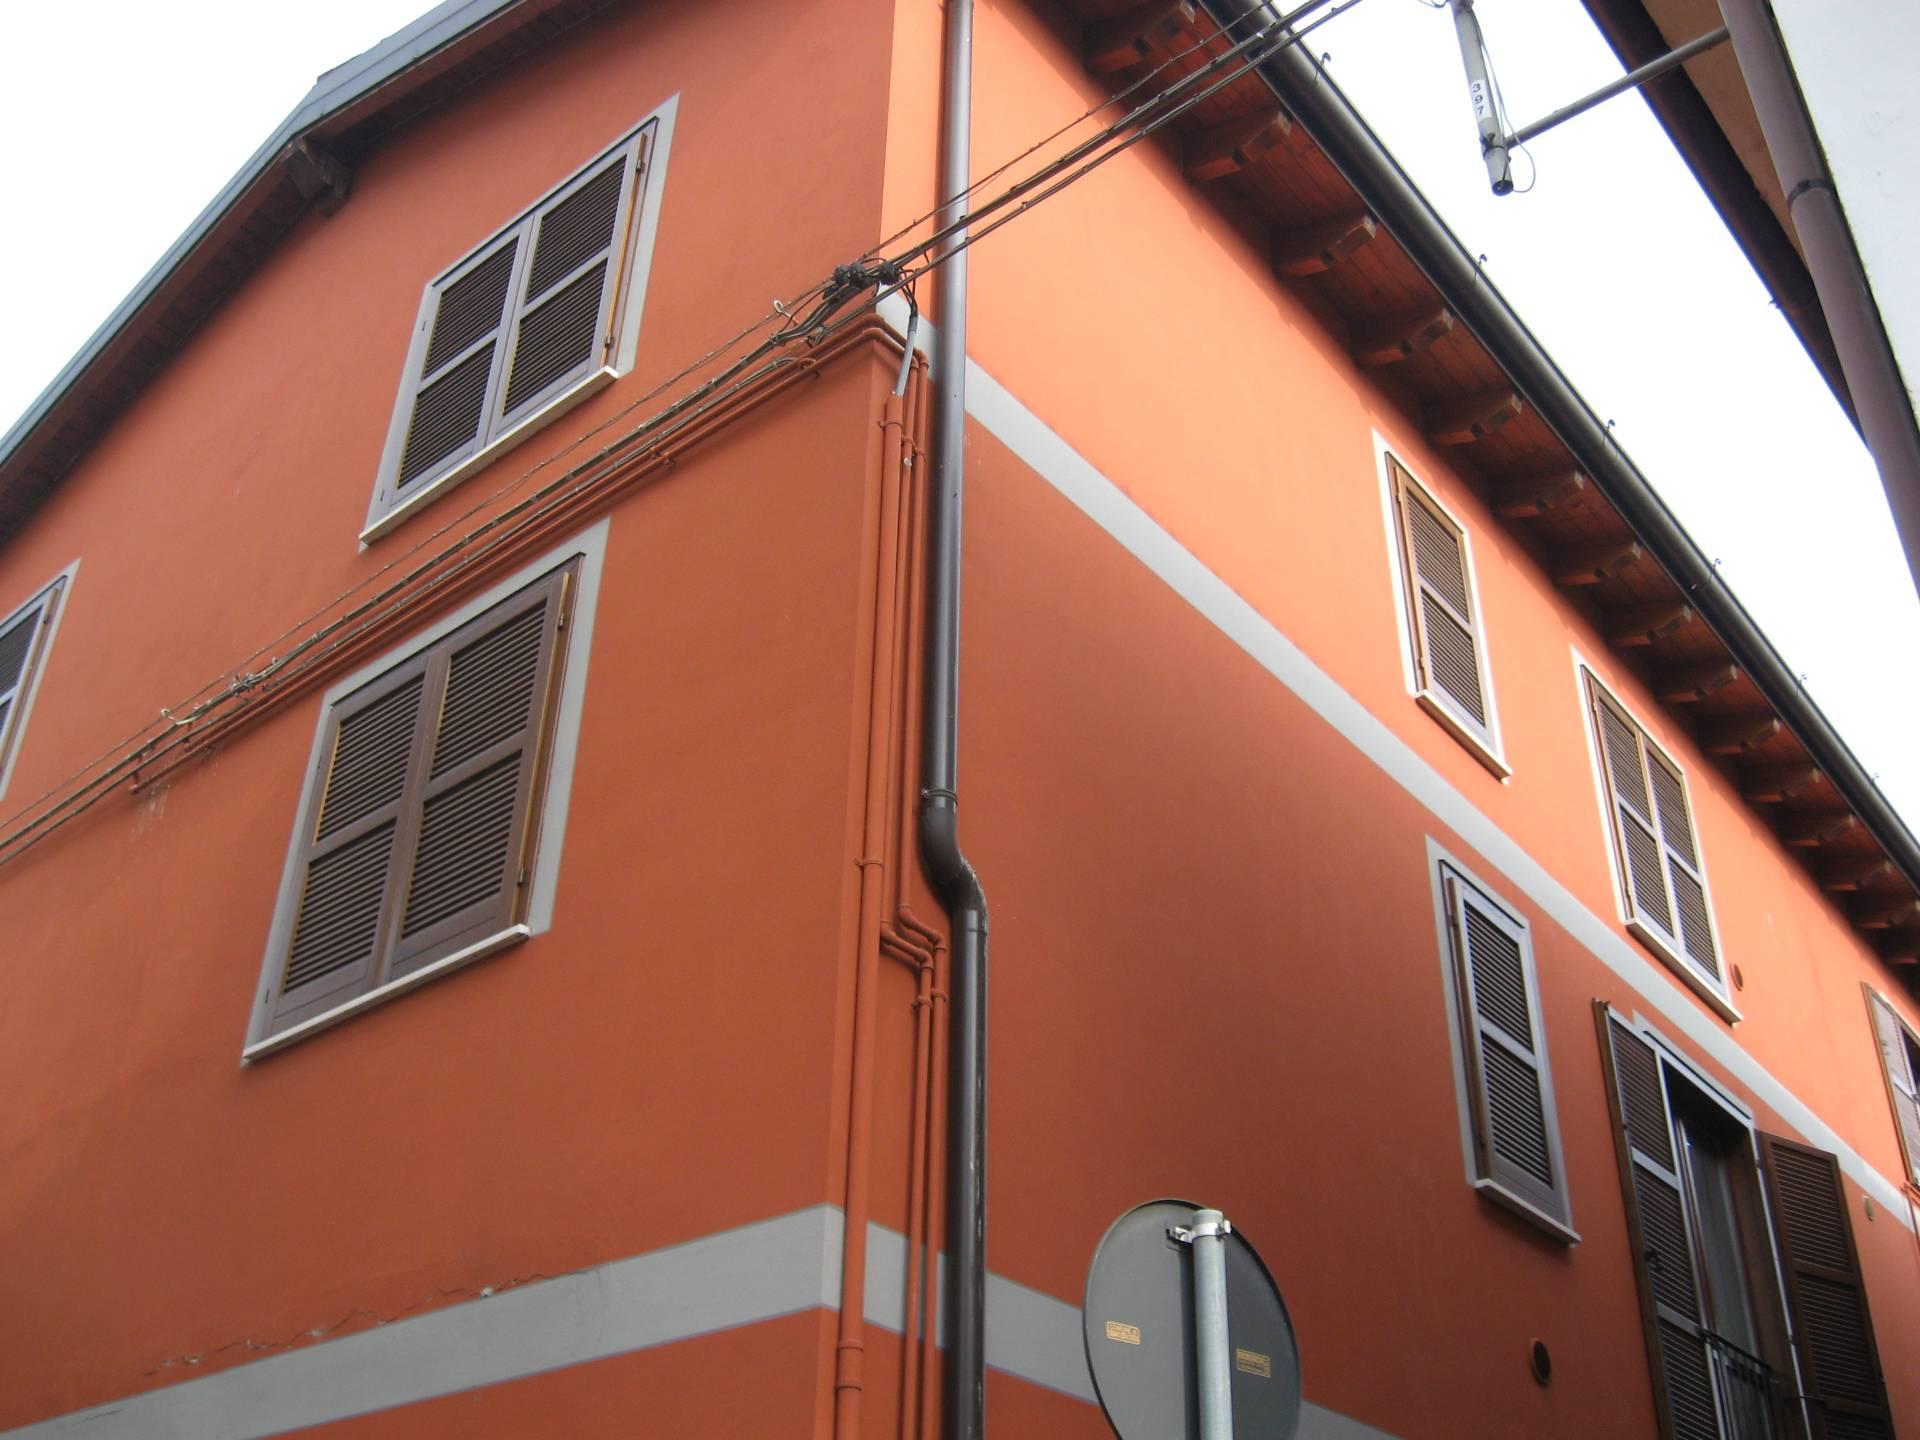 Appartamento in affitto a Misano di Gera d'Adda, 2 locali, prezzo € 480 | CambioCasa.it